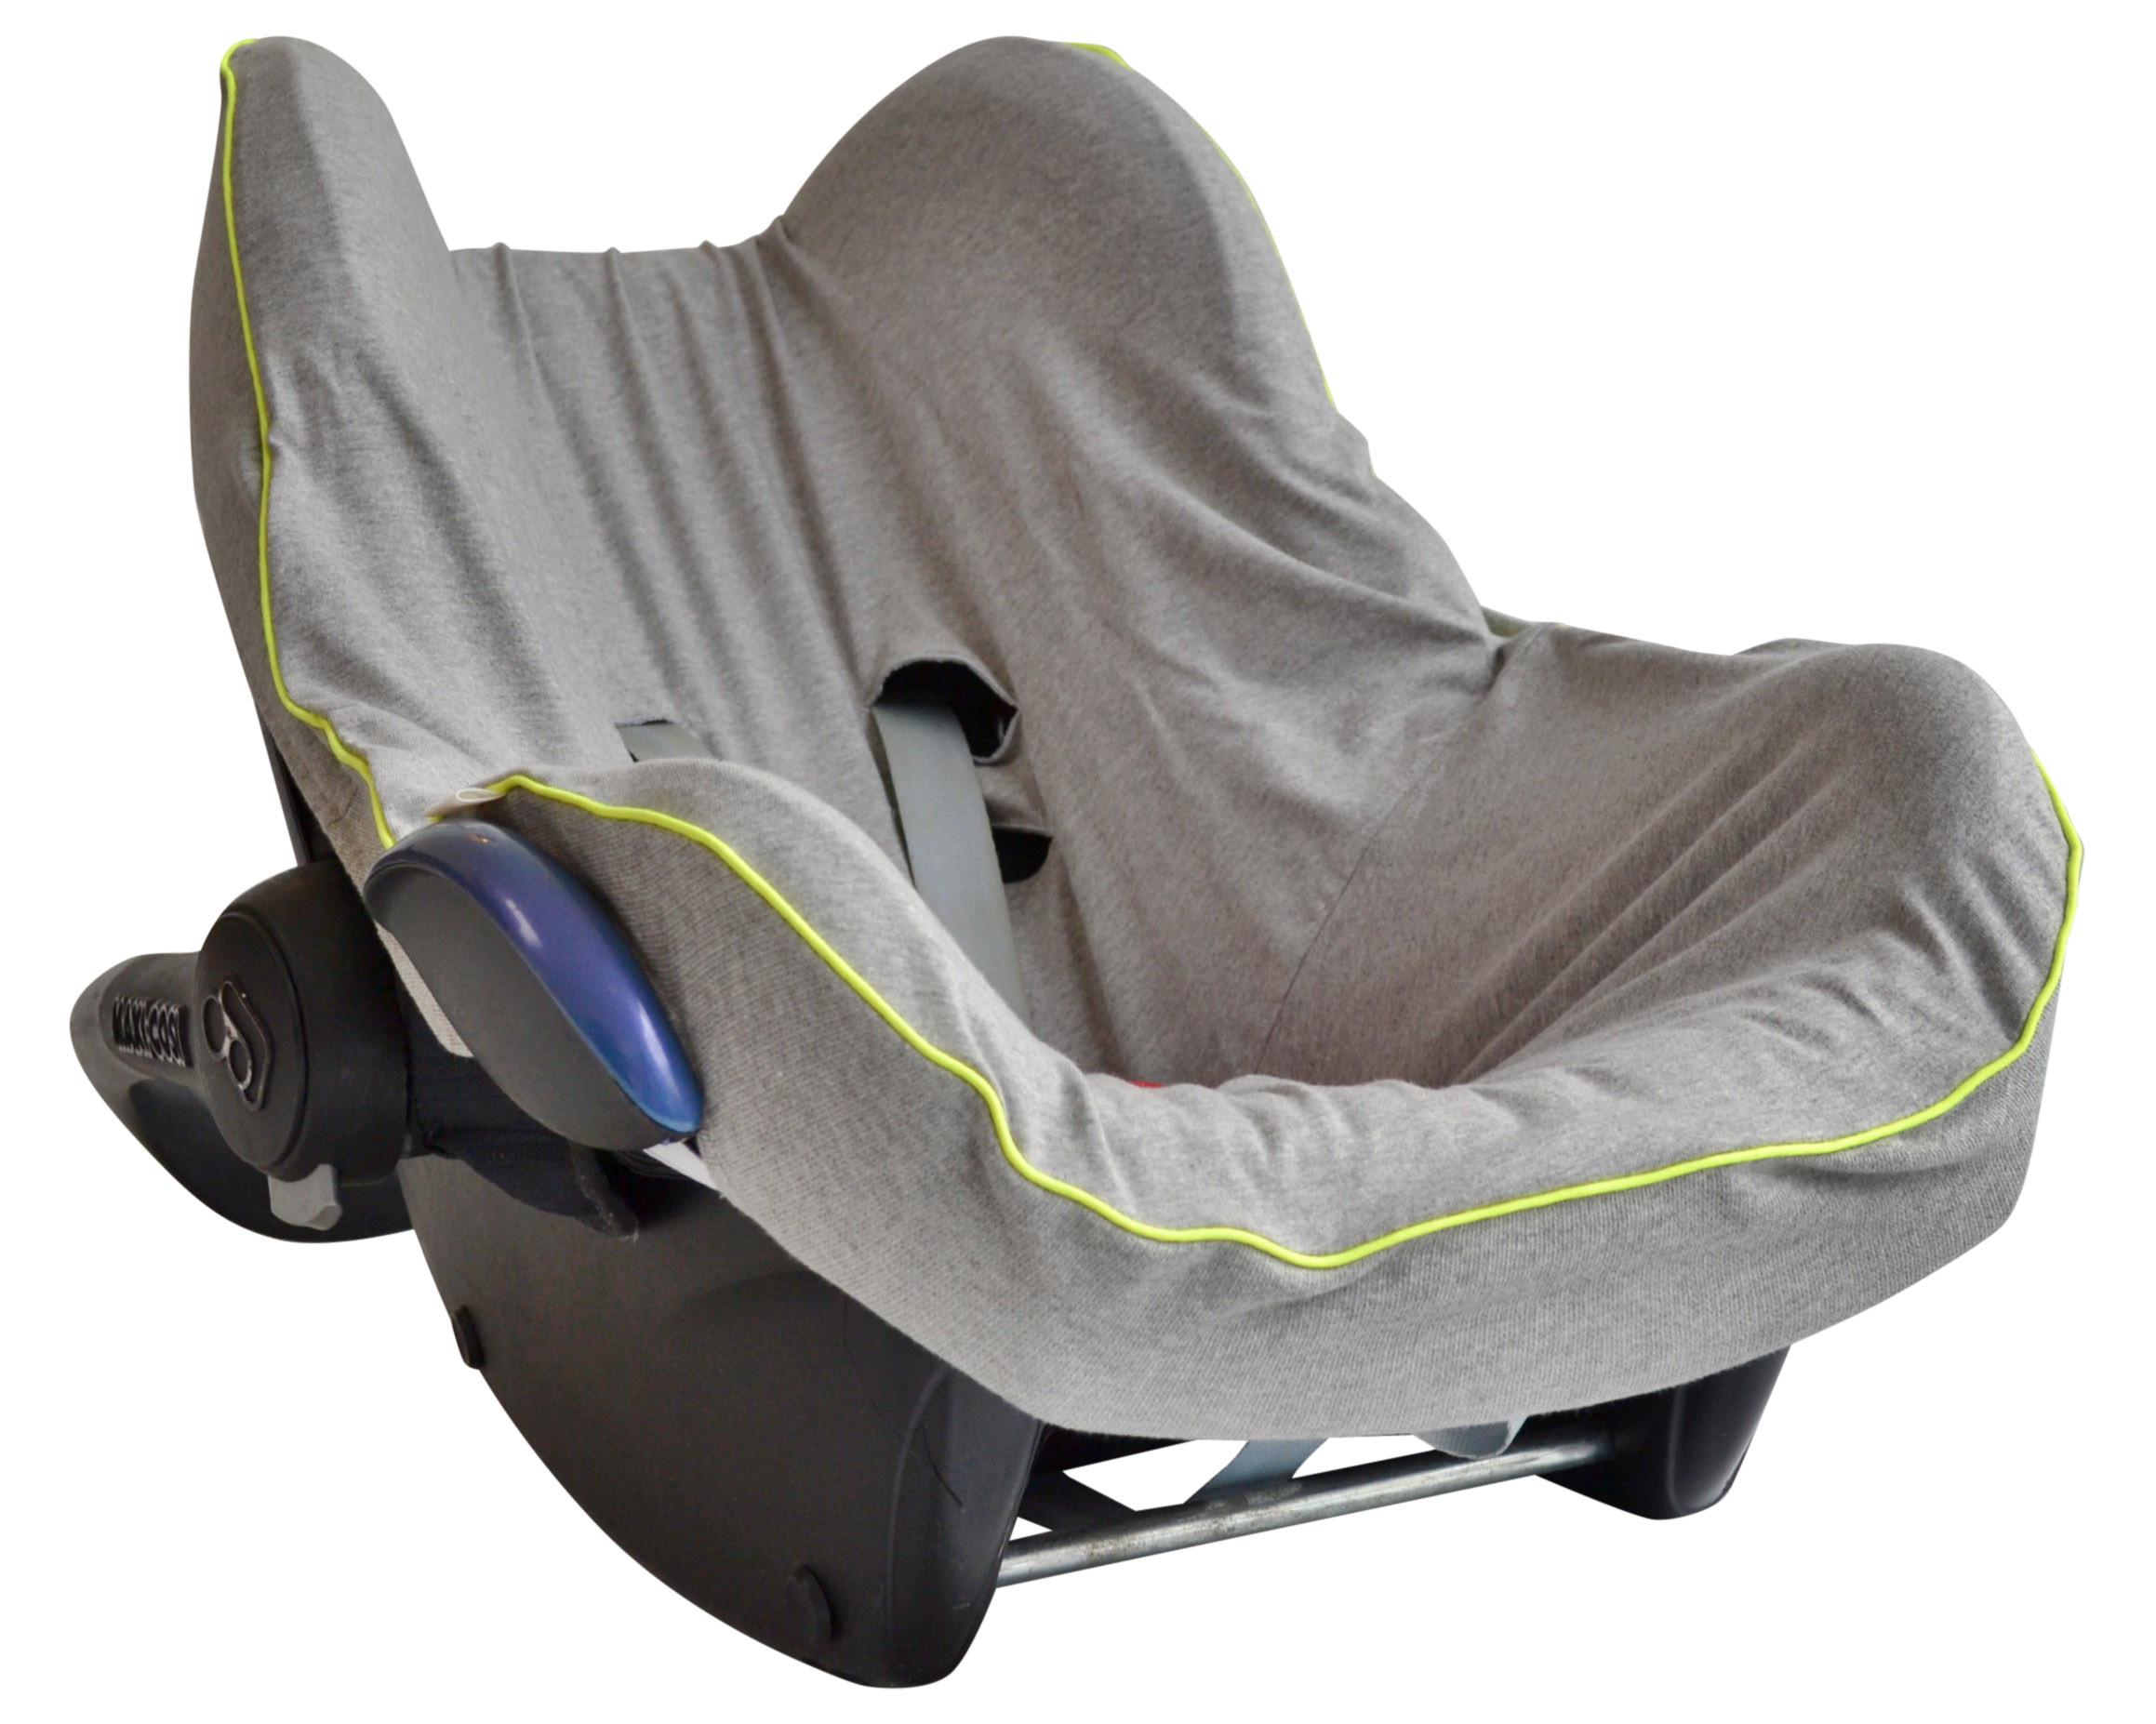 Hoes autostoel Maxi-Cosi - Jersey grey/yel